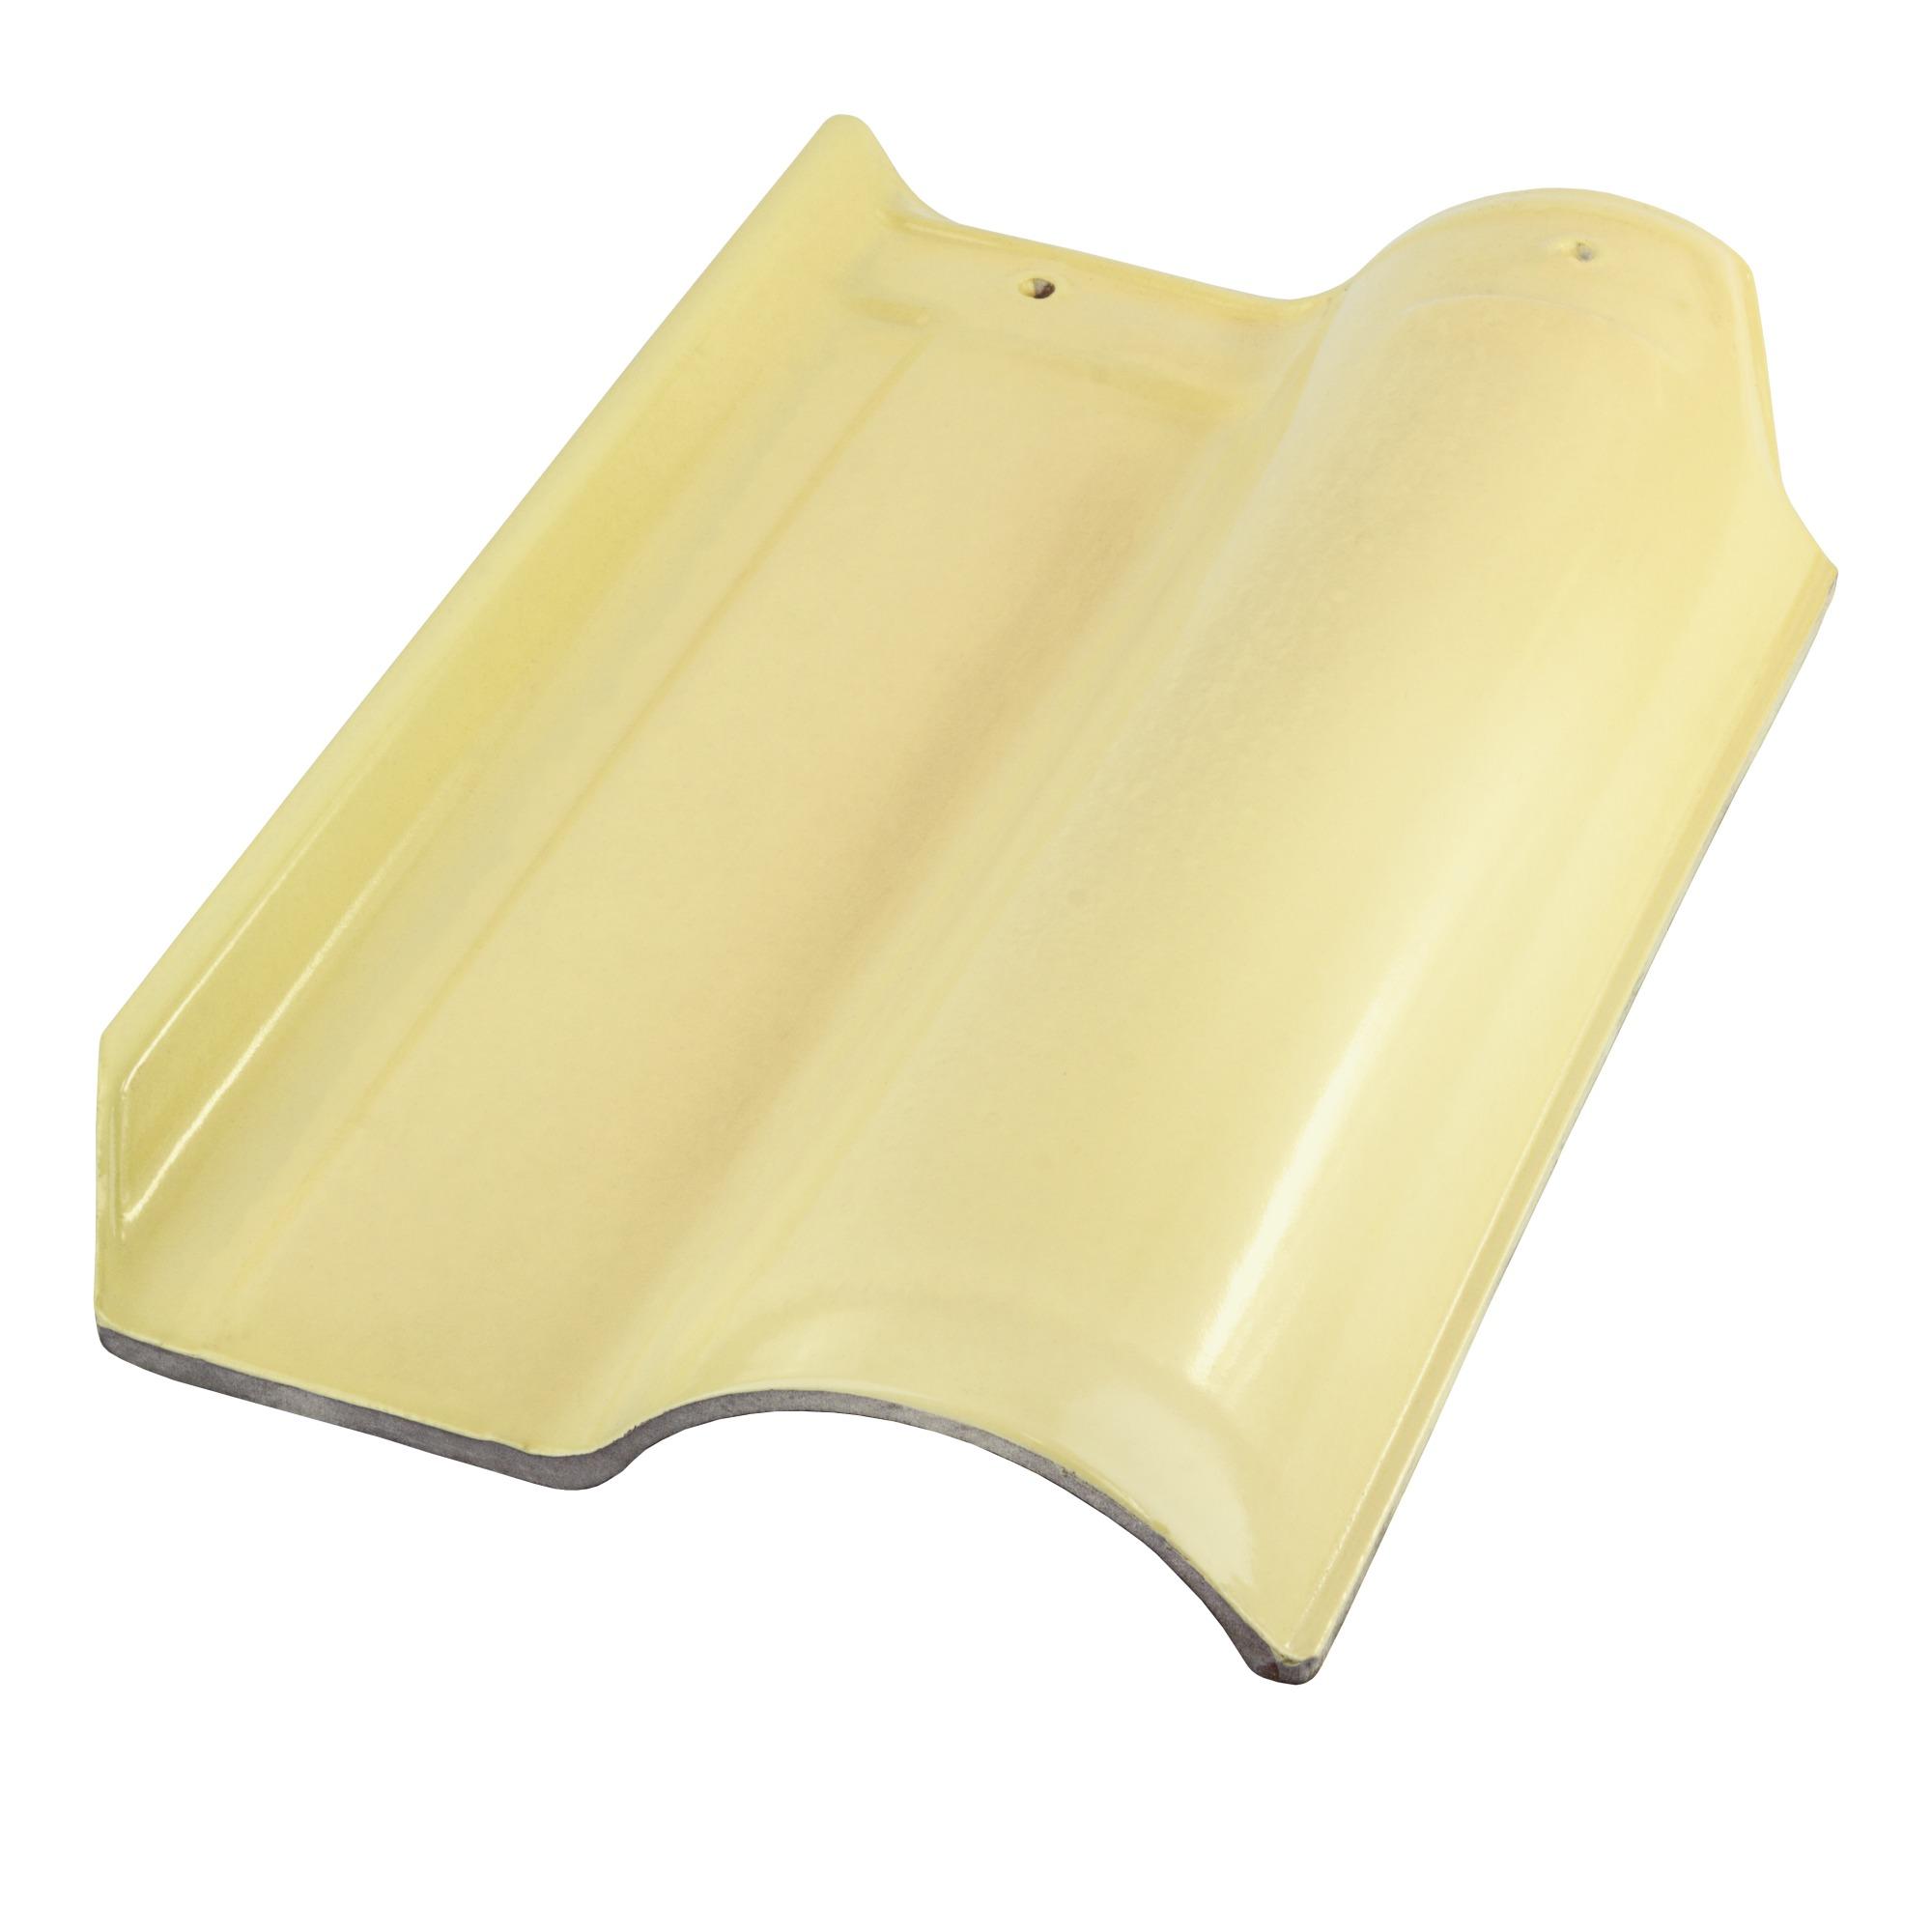 Telha Ceramica Esmaltada 420x258cm 1 Face Marfim - Cerbras